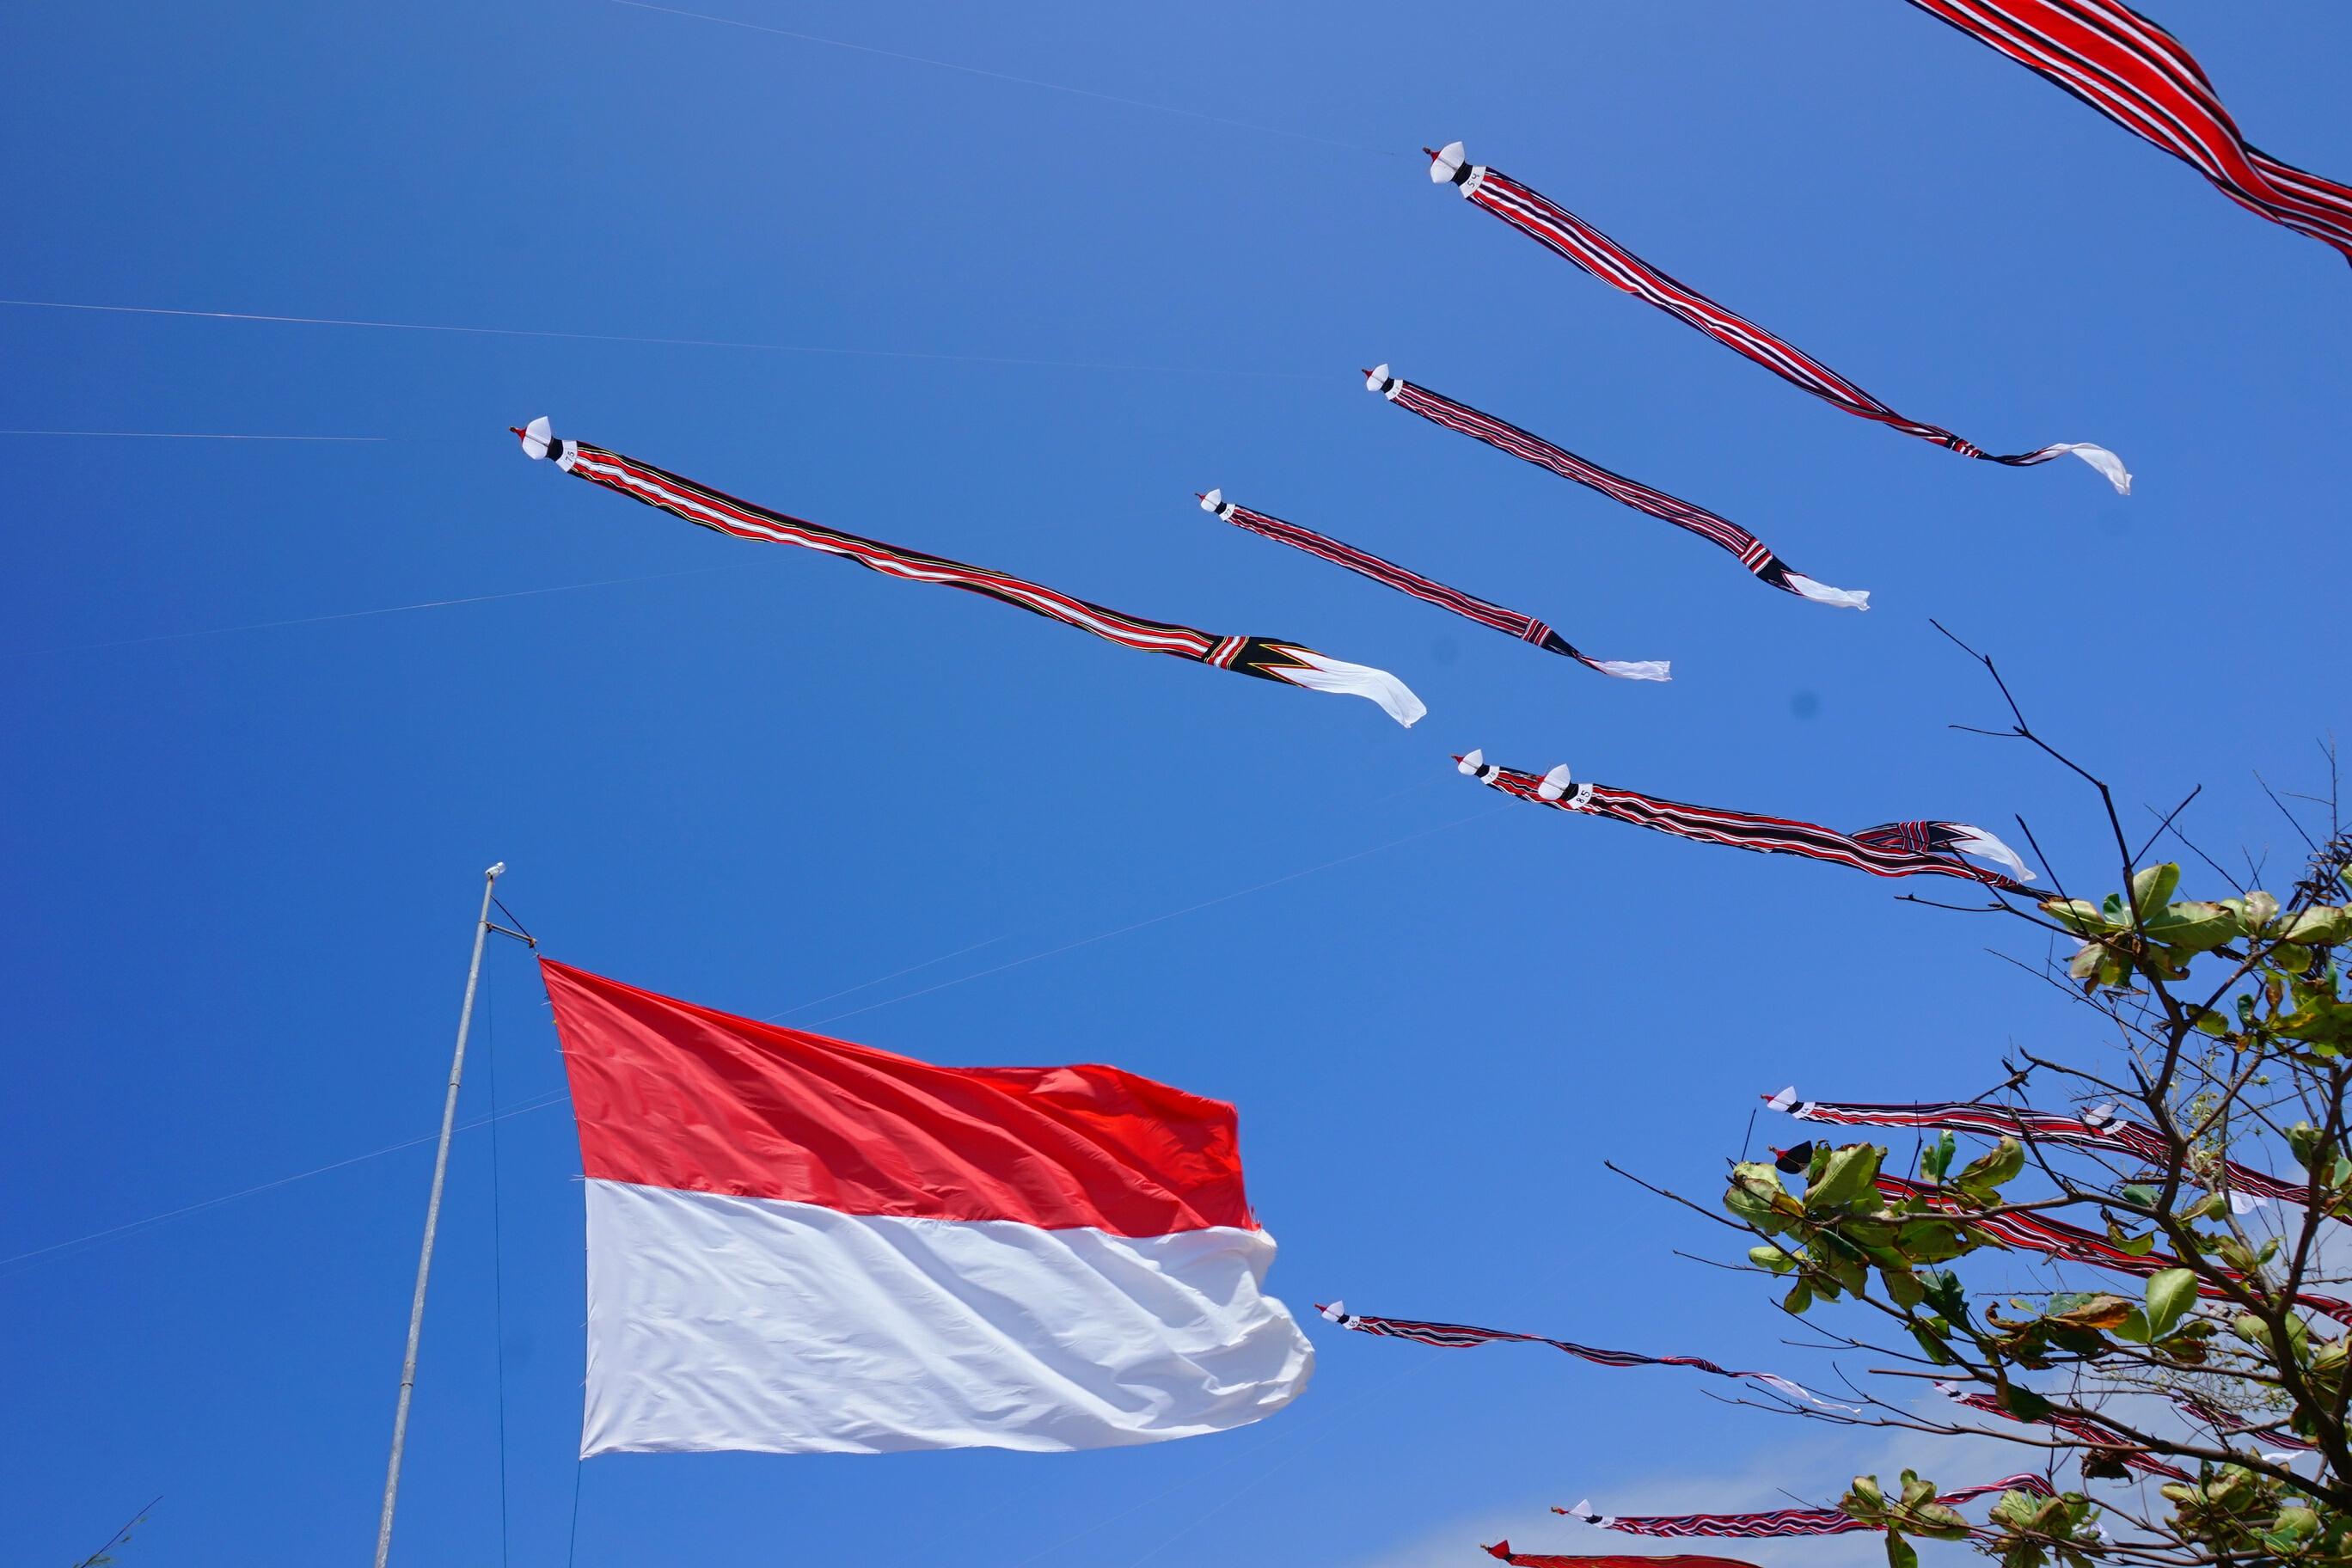 file layang layang tradisional raksasa dan bendera merah putih jpg wikimedia commons https commons wikimedia org wiki file layang layang tradisional raksasa dan bendera merah putih jpg